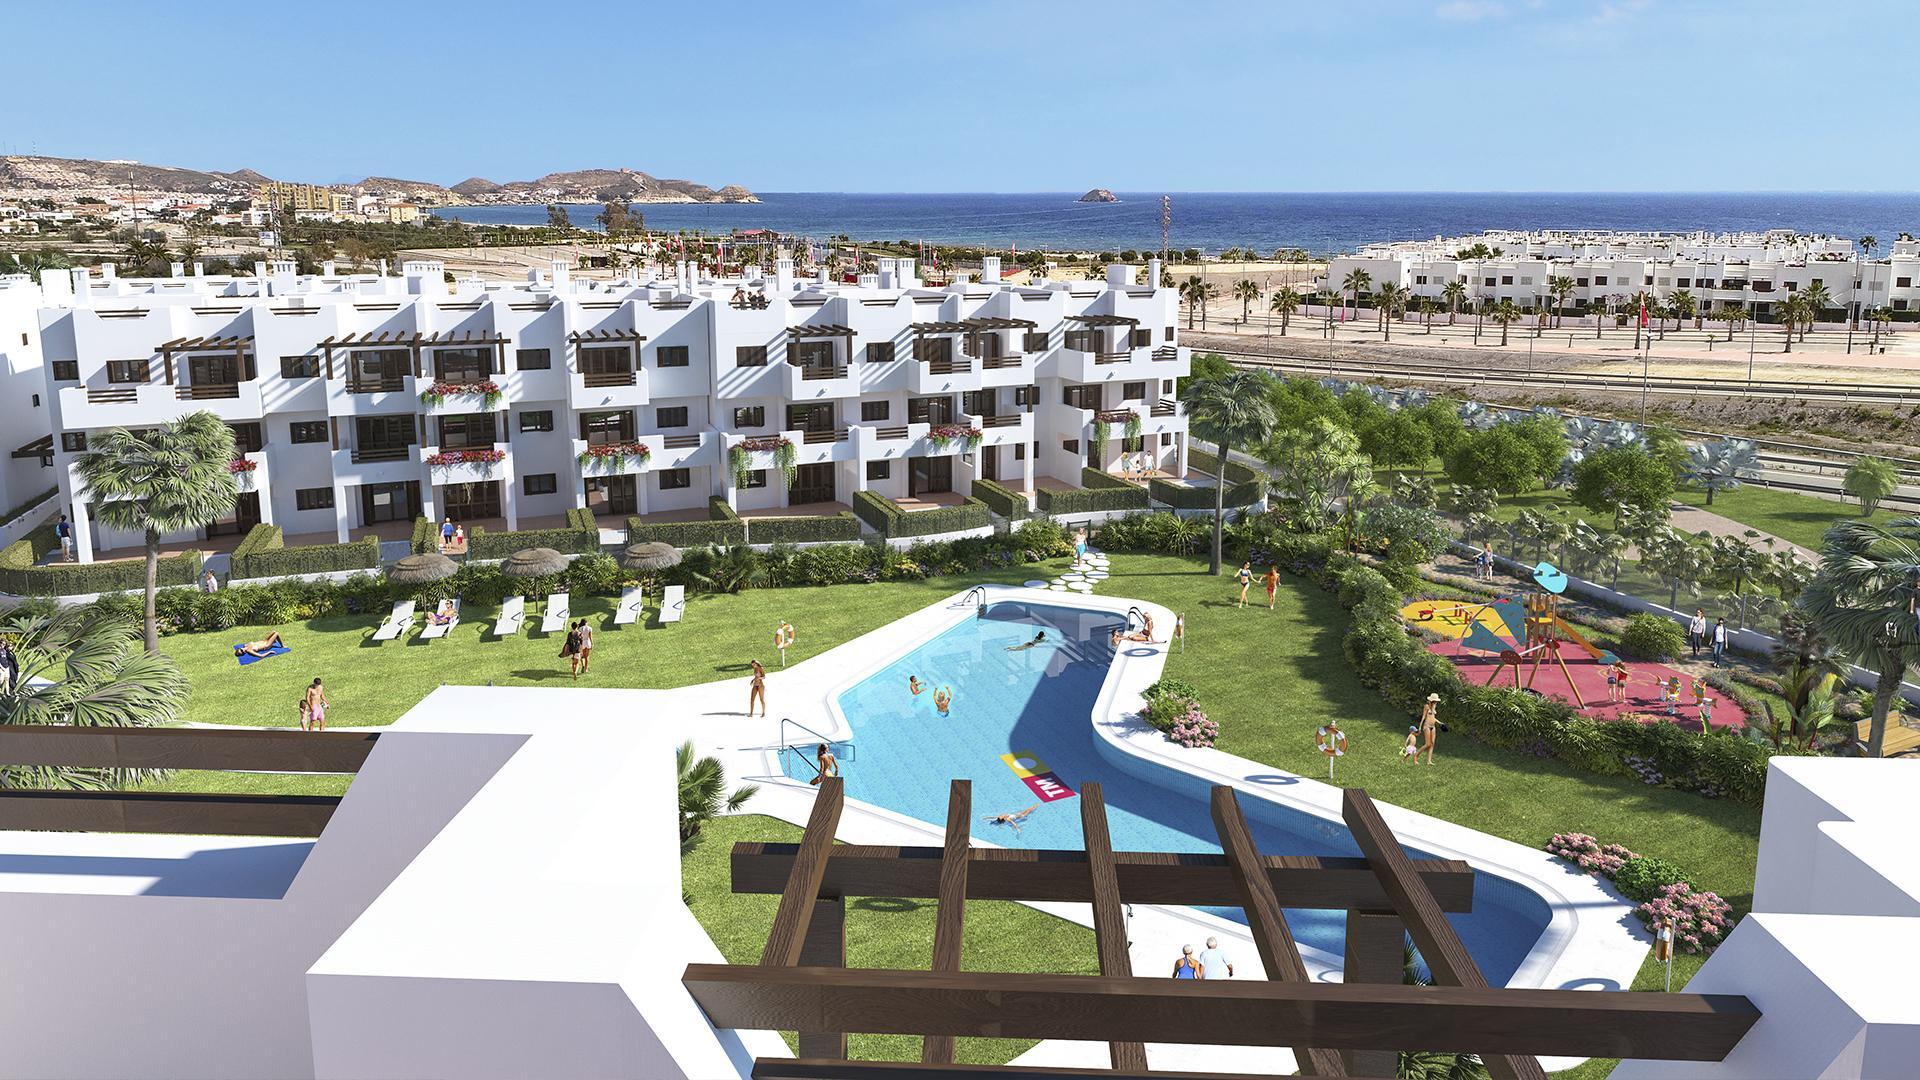 2 Slaapkamer Appartement met terras in Mar de Pulpi - Nieuwbouw in Medvilla Spanje